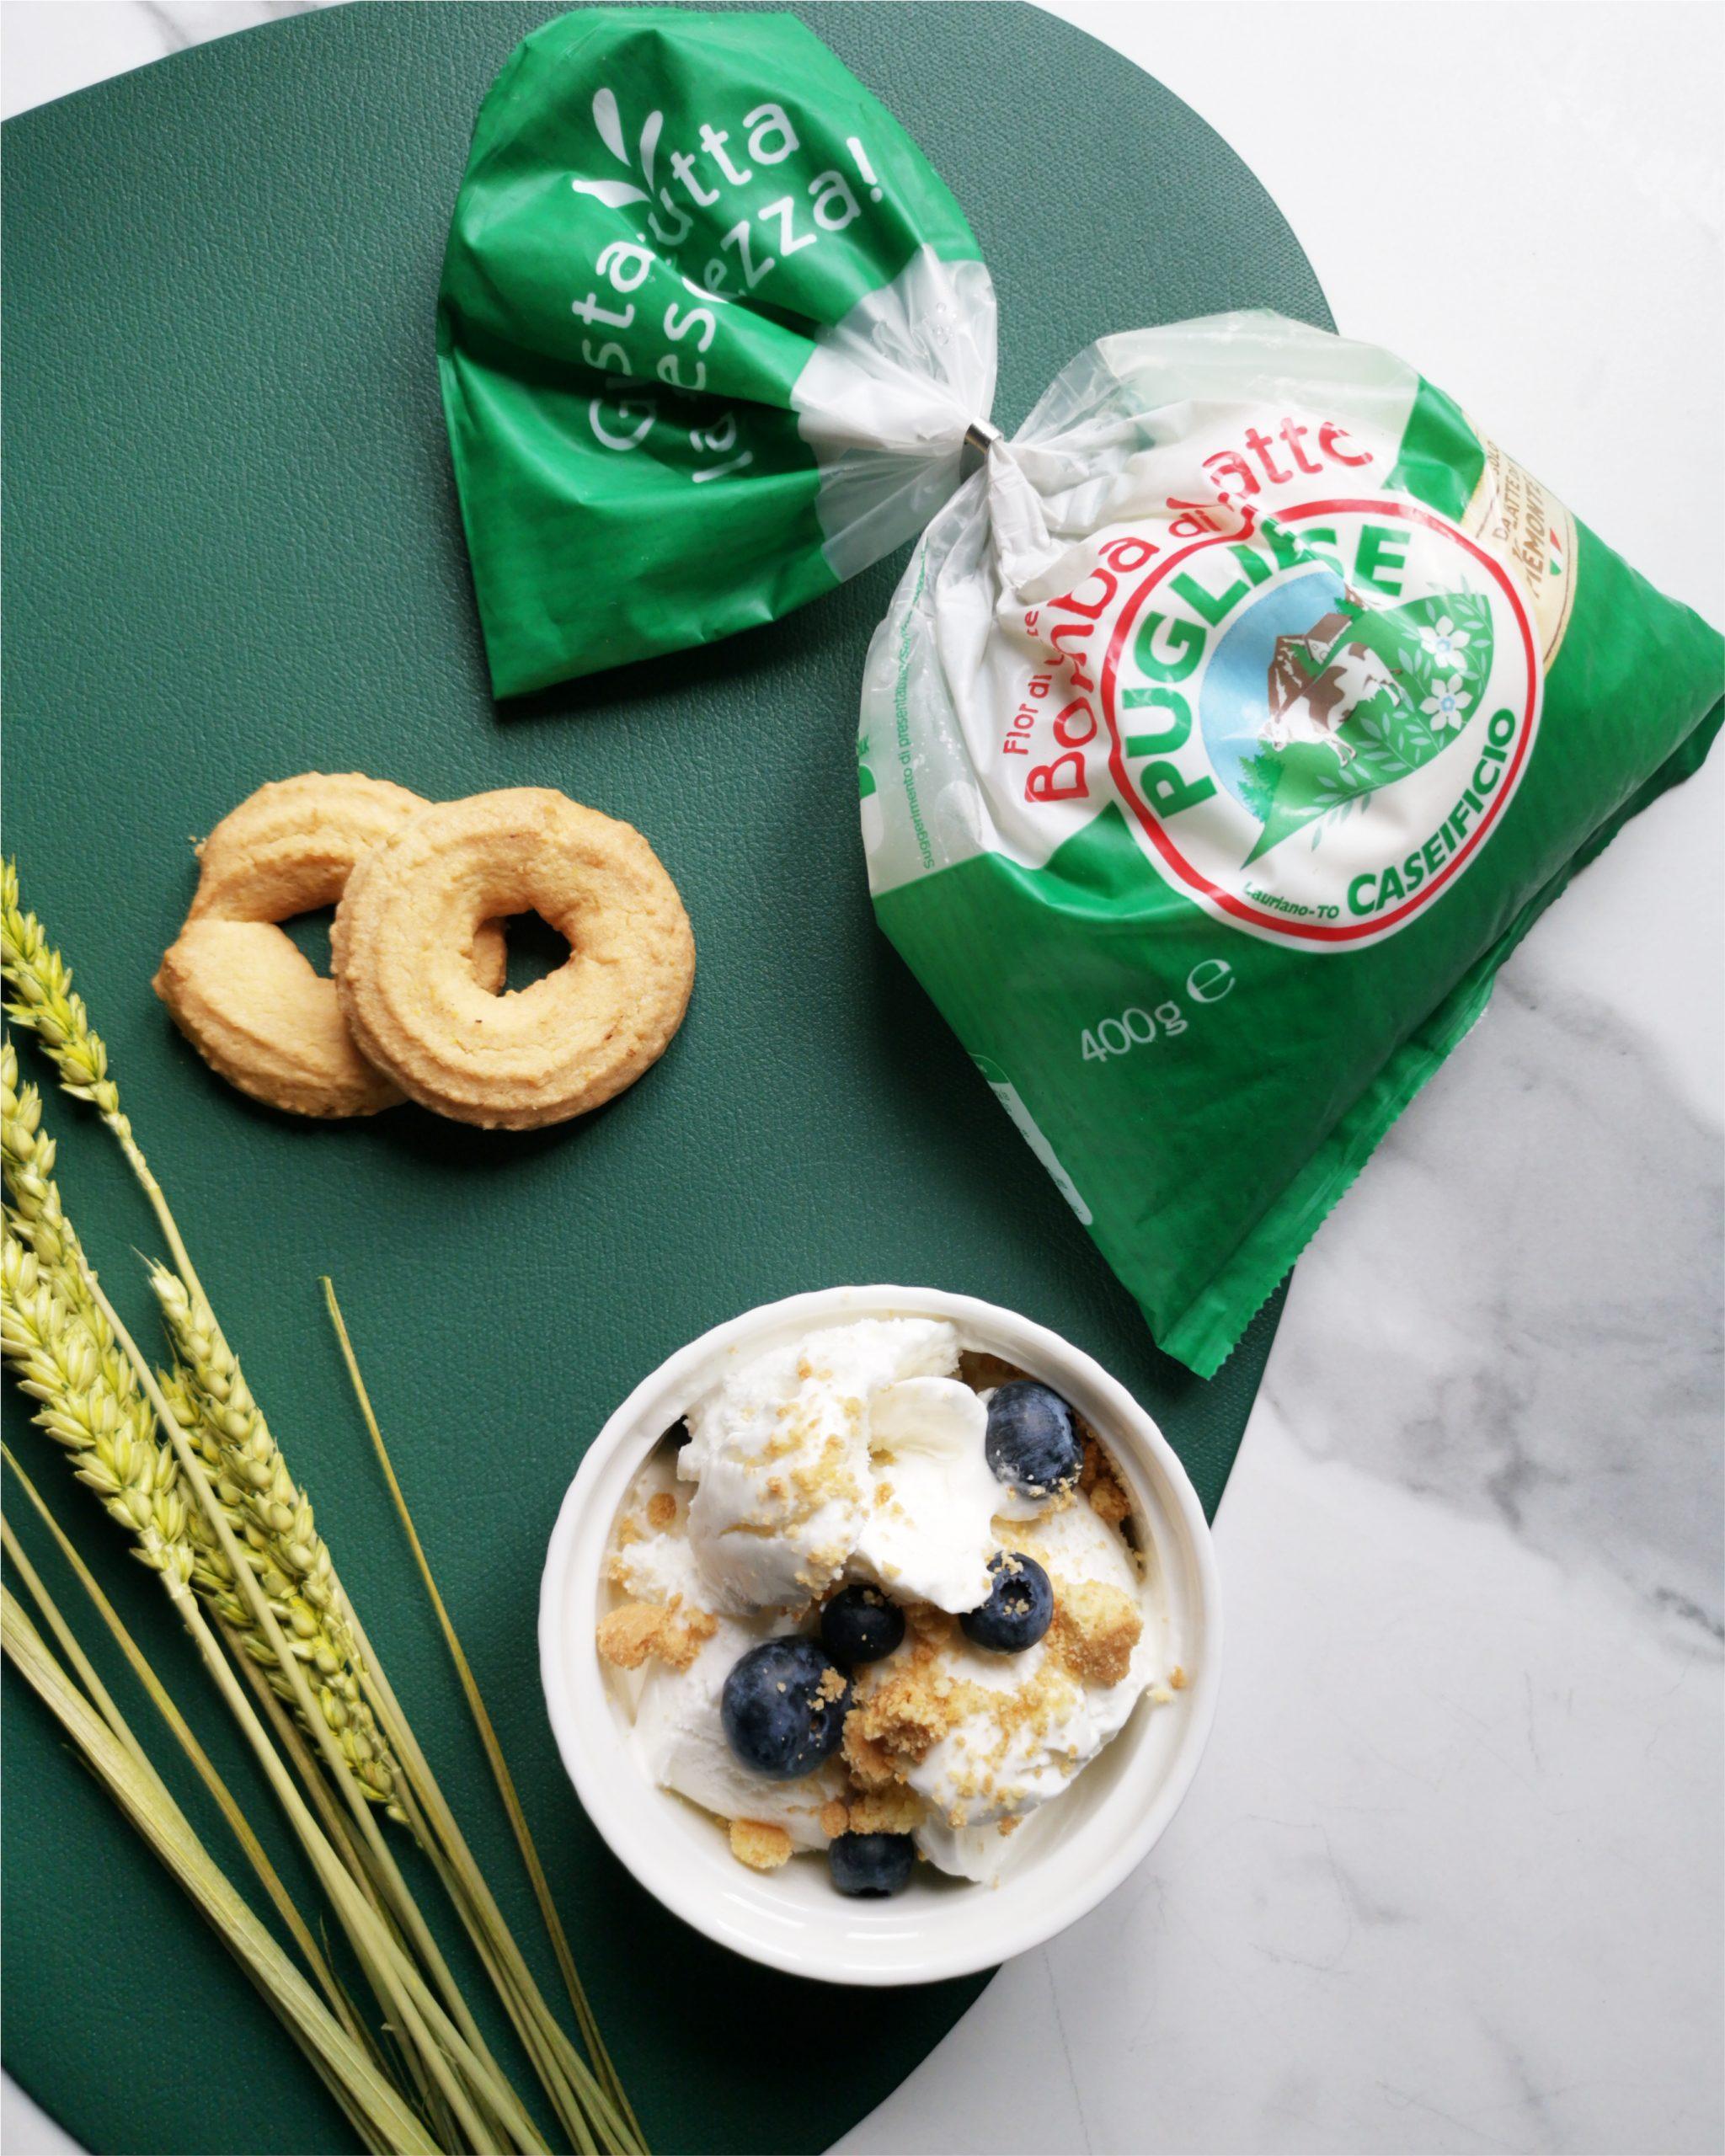 Gelato alla Mozzarella Fior di Latte Bomba Caseificio Pugliese, con granella di biscotti e mirtilli